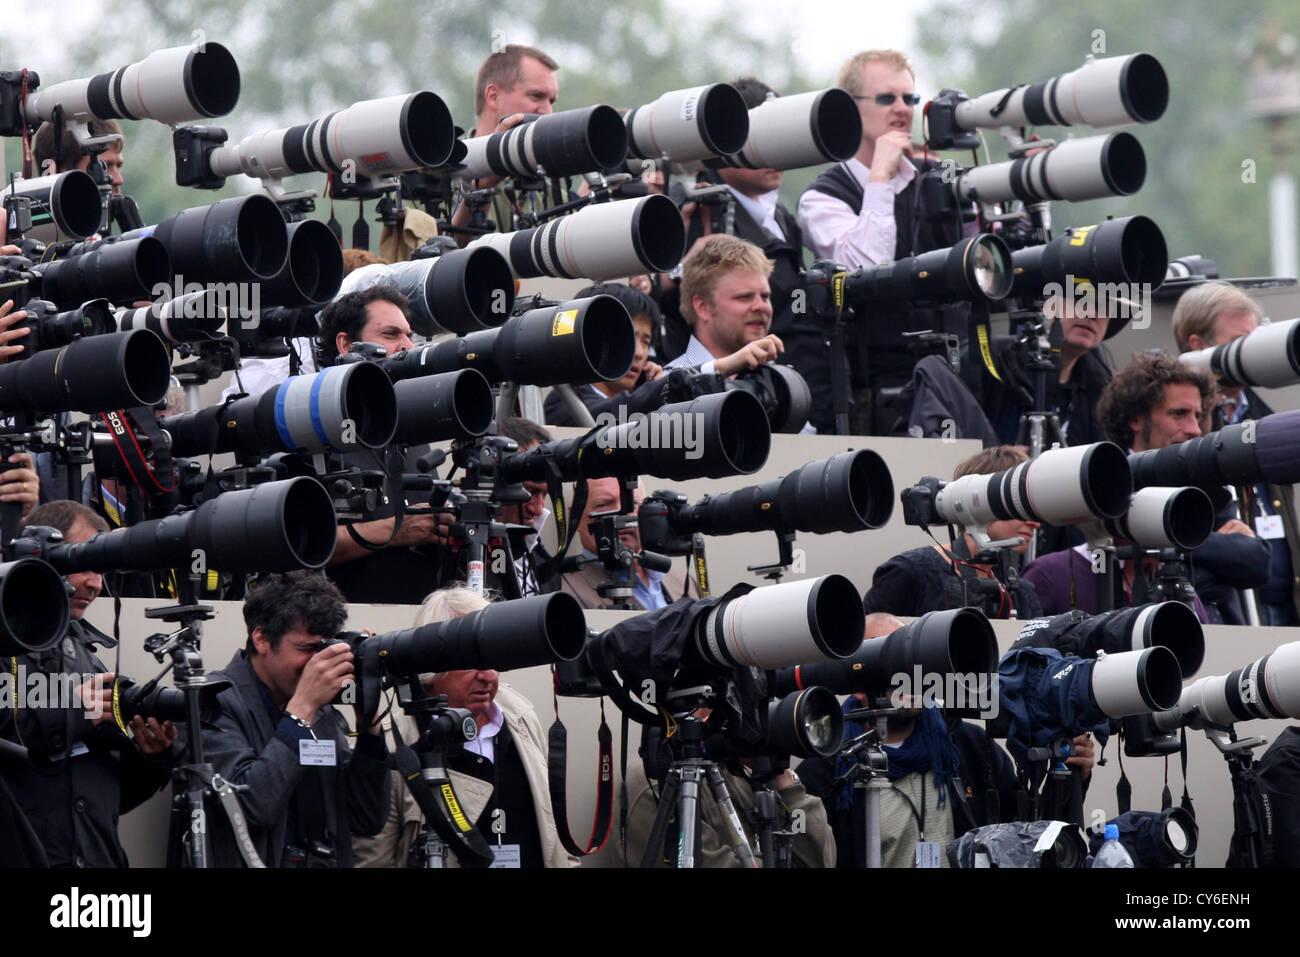 Te acuerdas cuando... Fotografos-de-prensa-fuera-el-palacio-de-buckingham-en-el-dia-de-la-boda-real-del-principe-guillermo-y-kate-middleton-cy6enh